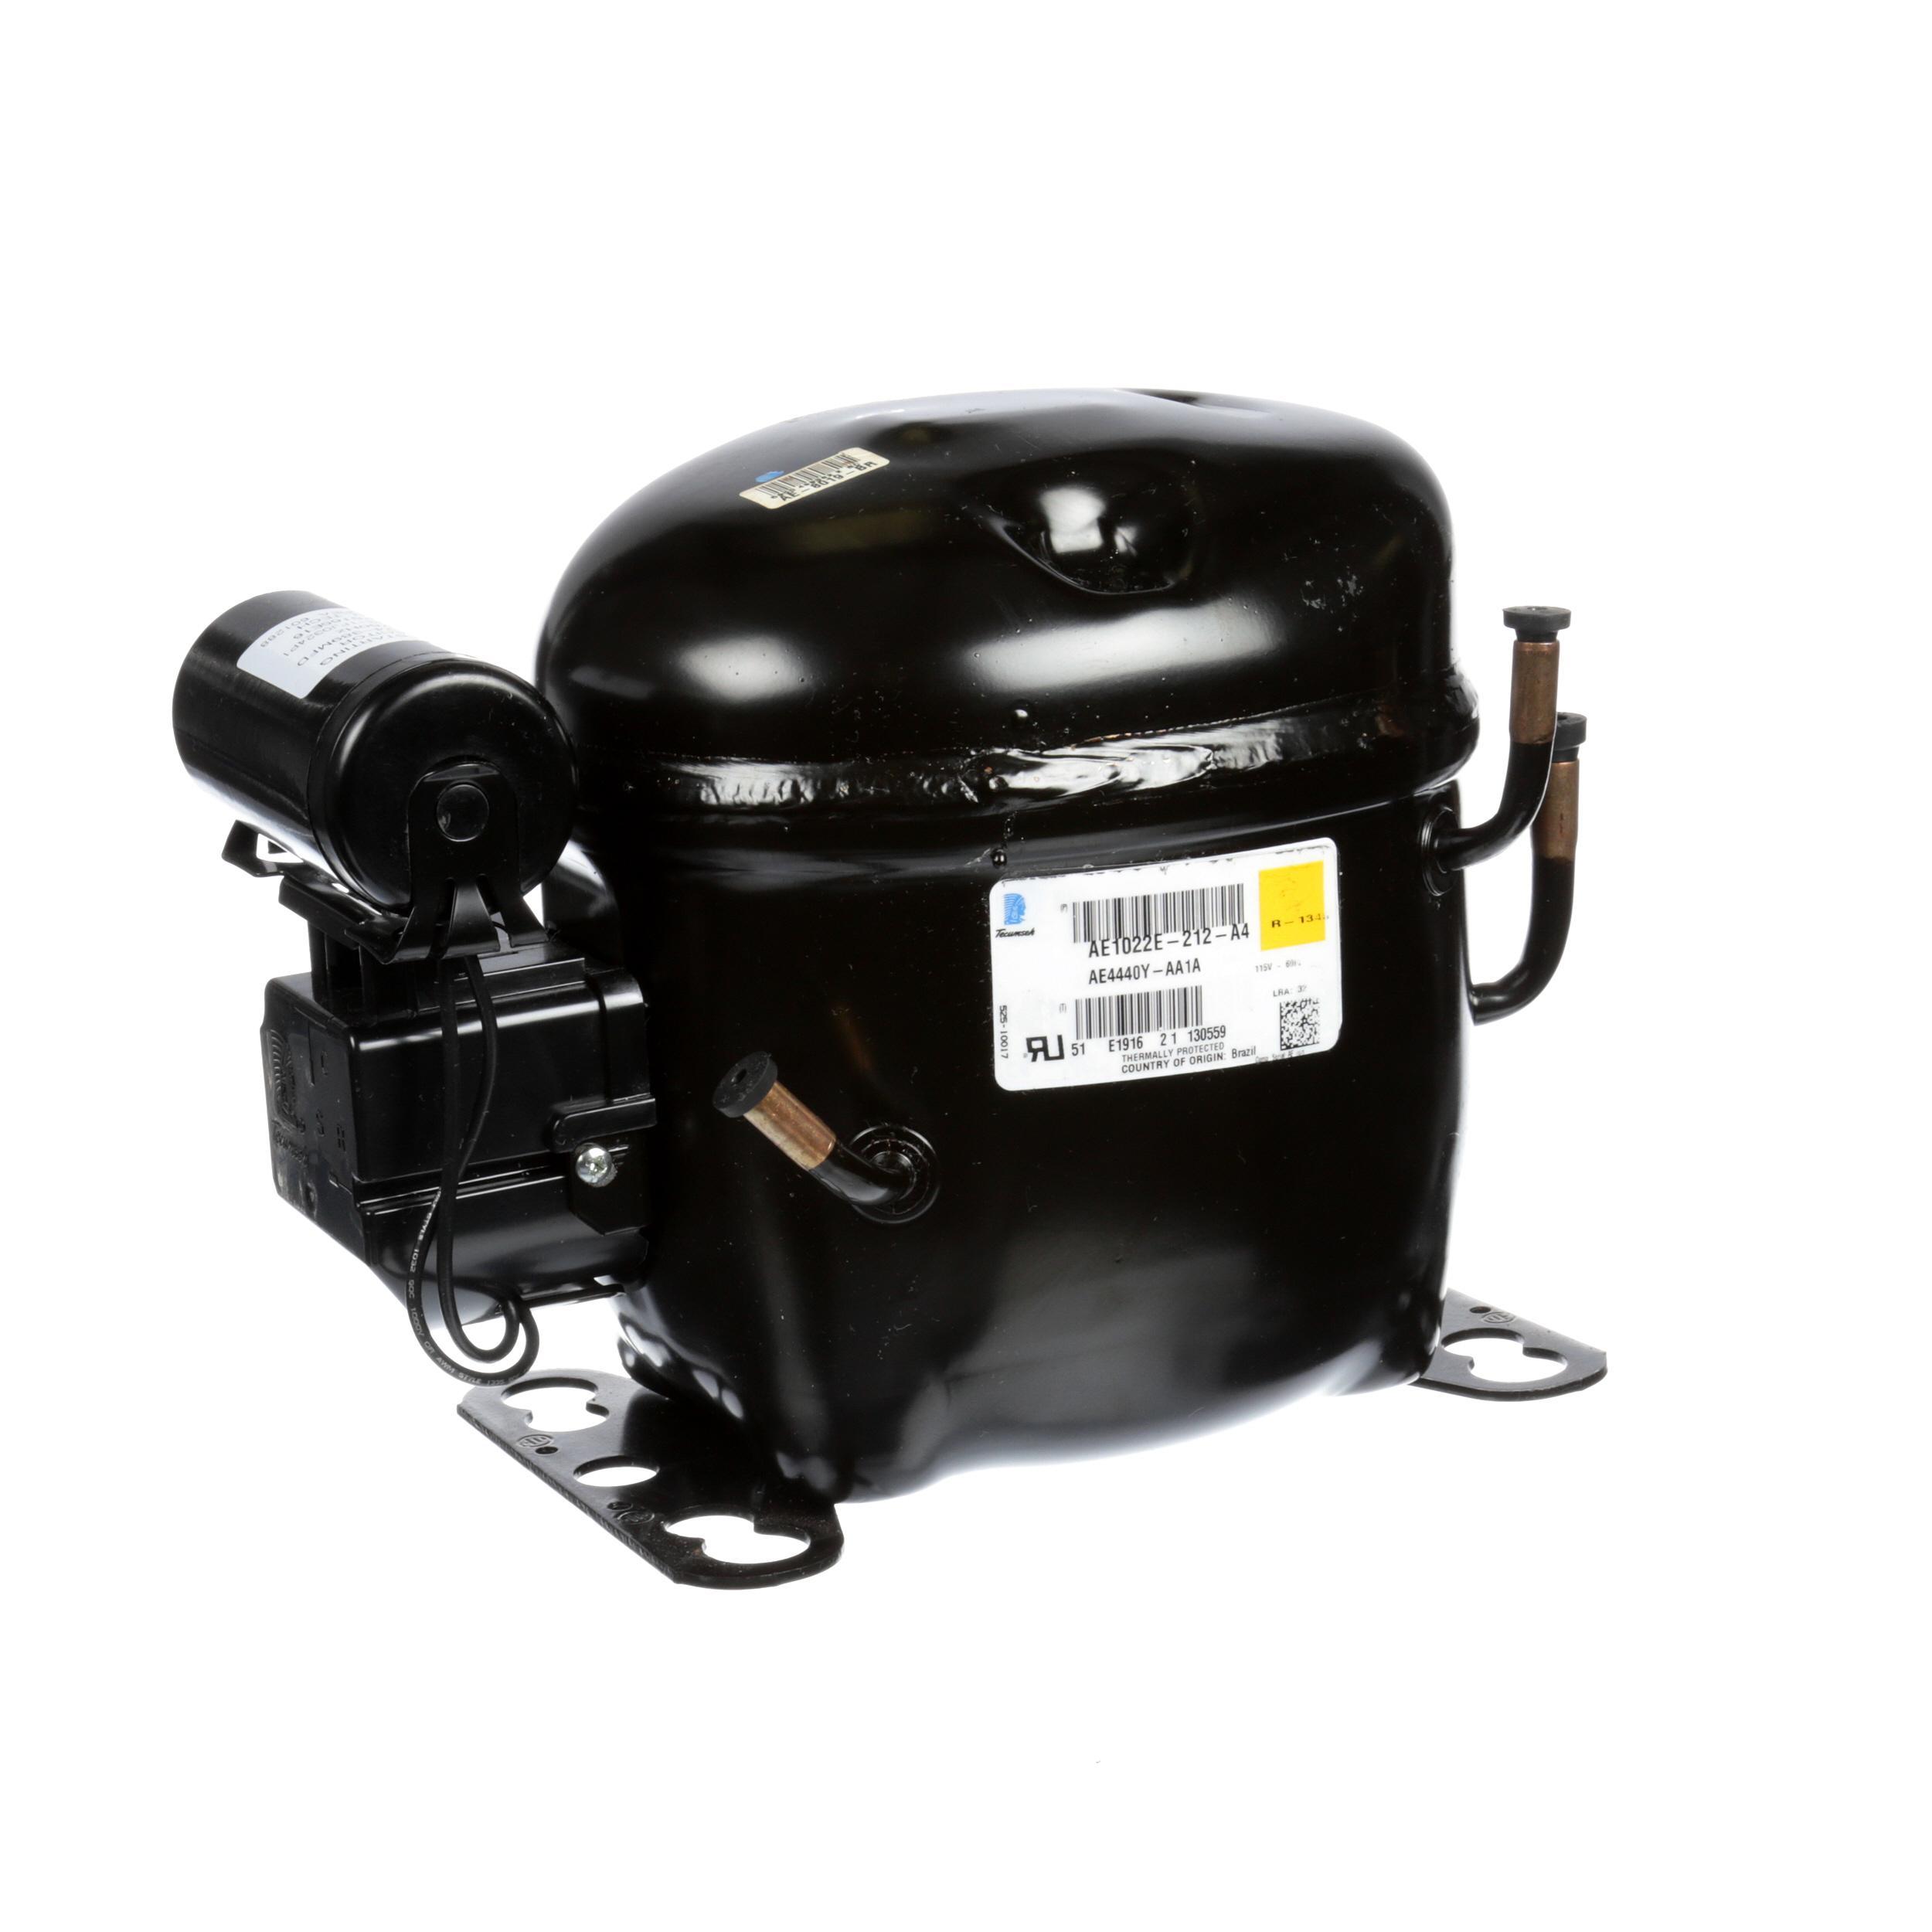 MBT03 15426 master bilt compressor, ae4440y aa1a 115 part 03 15426  at honlapkeszites.co